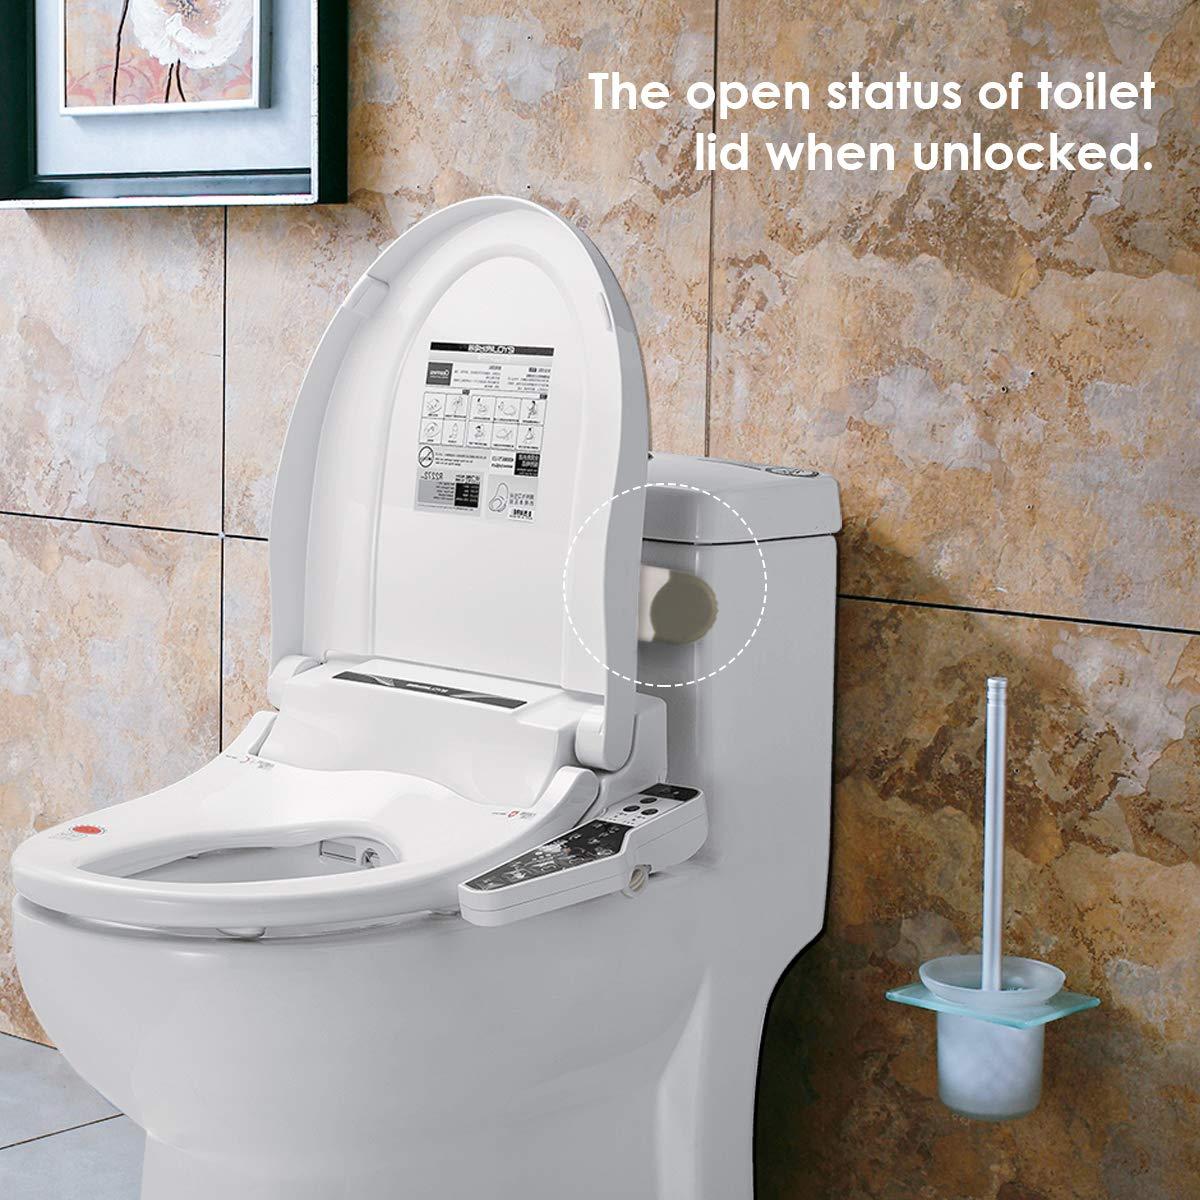 montage adh/ésif 3M Serrure de couvercle de toilette professionnelle pour b/éb/é avec bras Serrures de s/écurit/é pour b/éb/é Serrures de si/ège de toilette de s/écurit/é sup/érieure